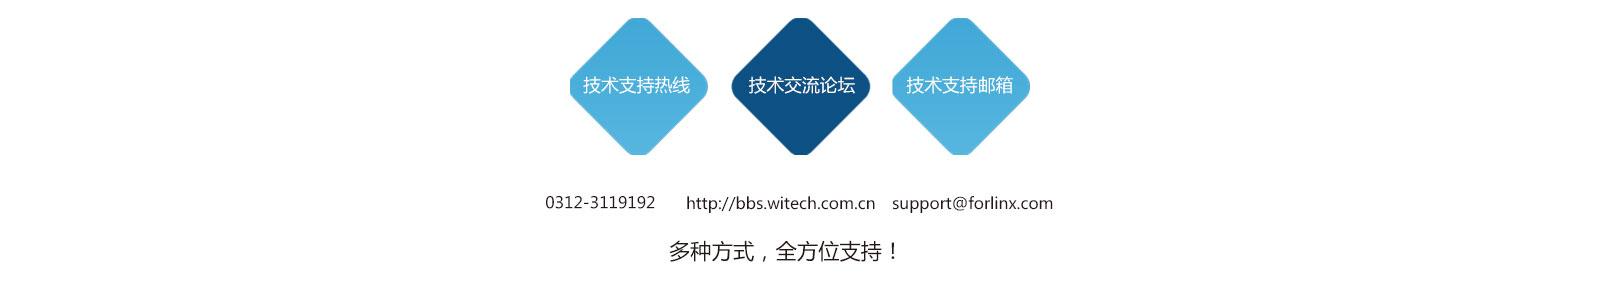 iMX6Q 技术支持fang式